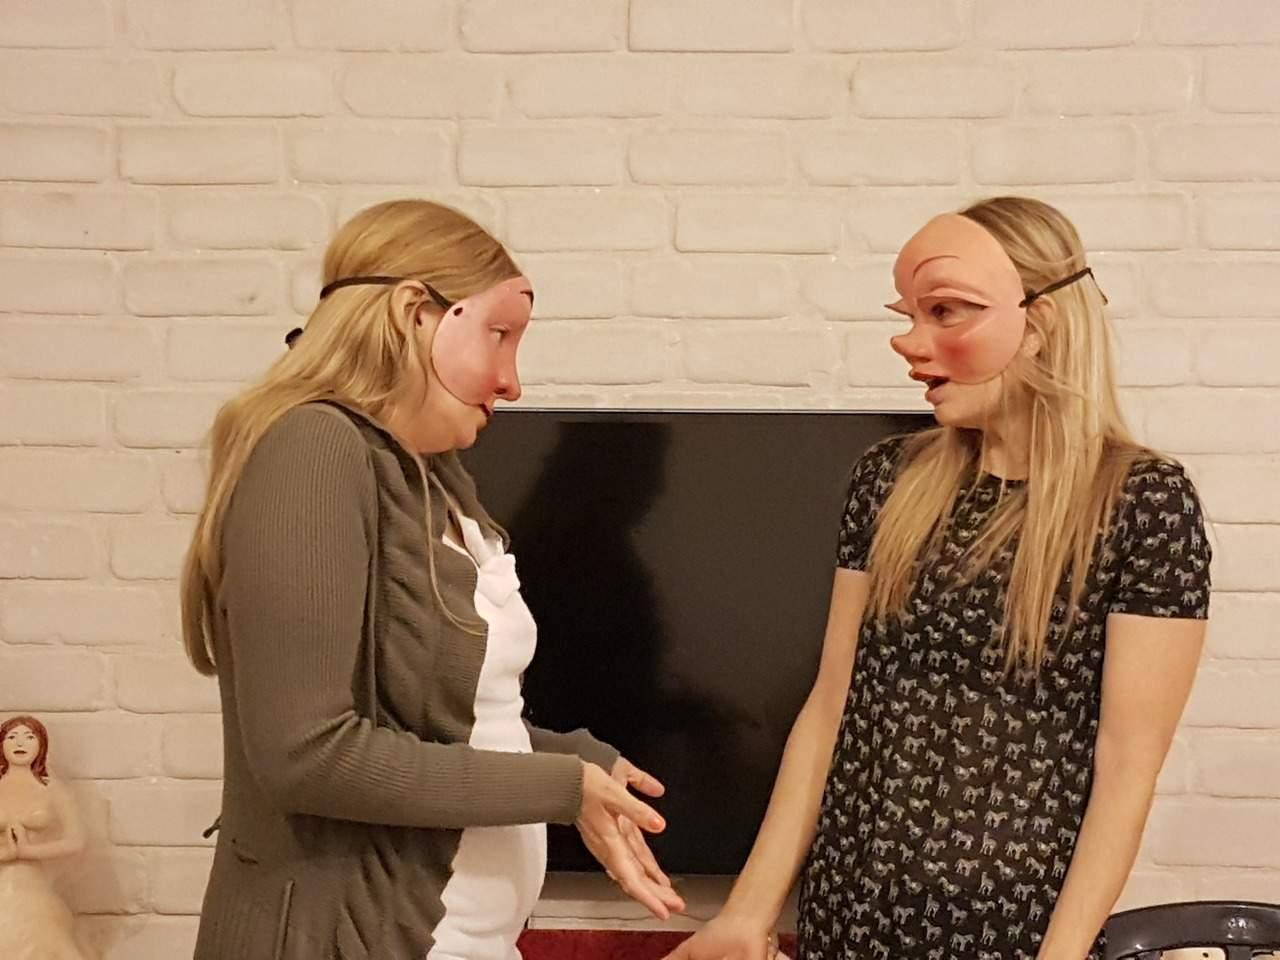 שתי נשים חובשות מסכות קומדיה דל'ארטה, במשחק תפקידים בסדנה לאנשי מכירותם